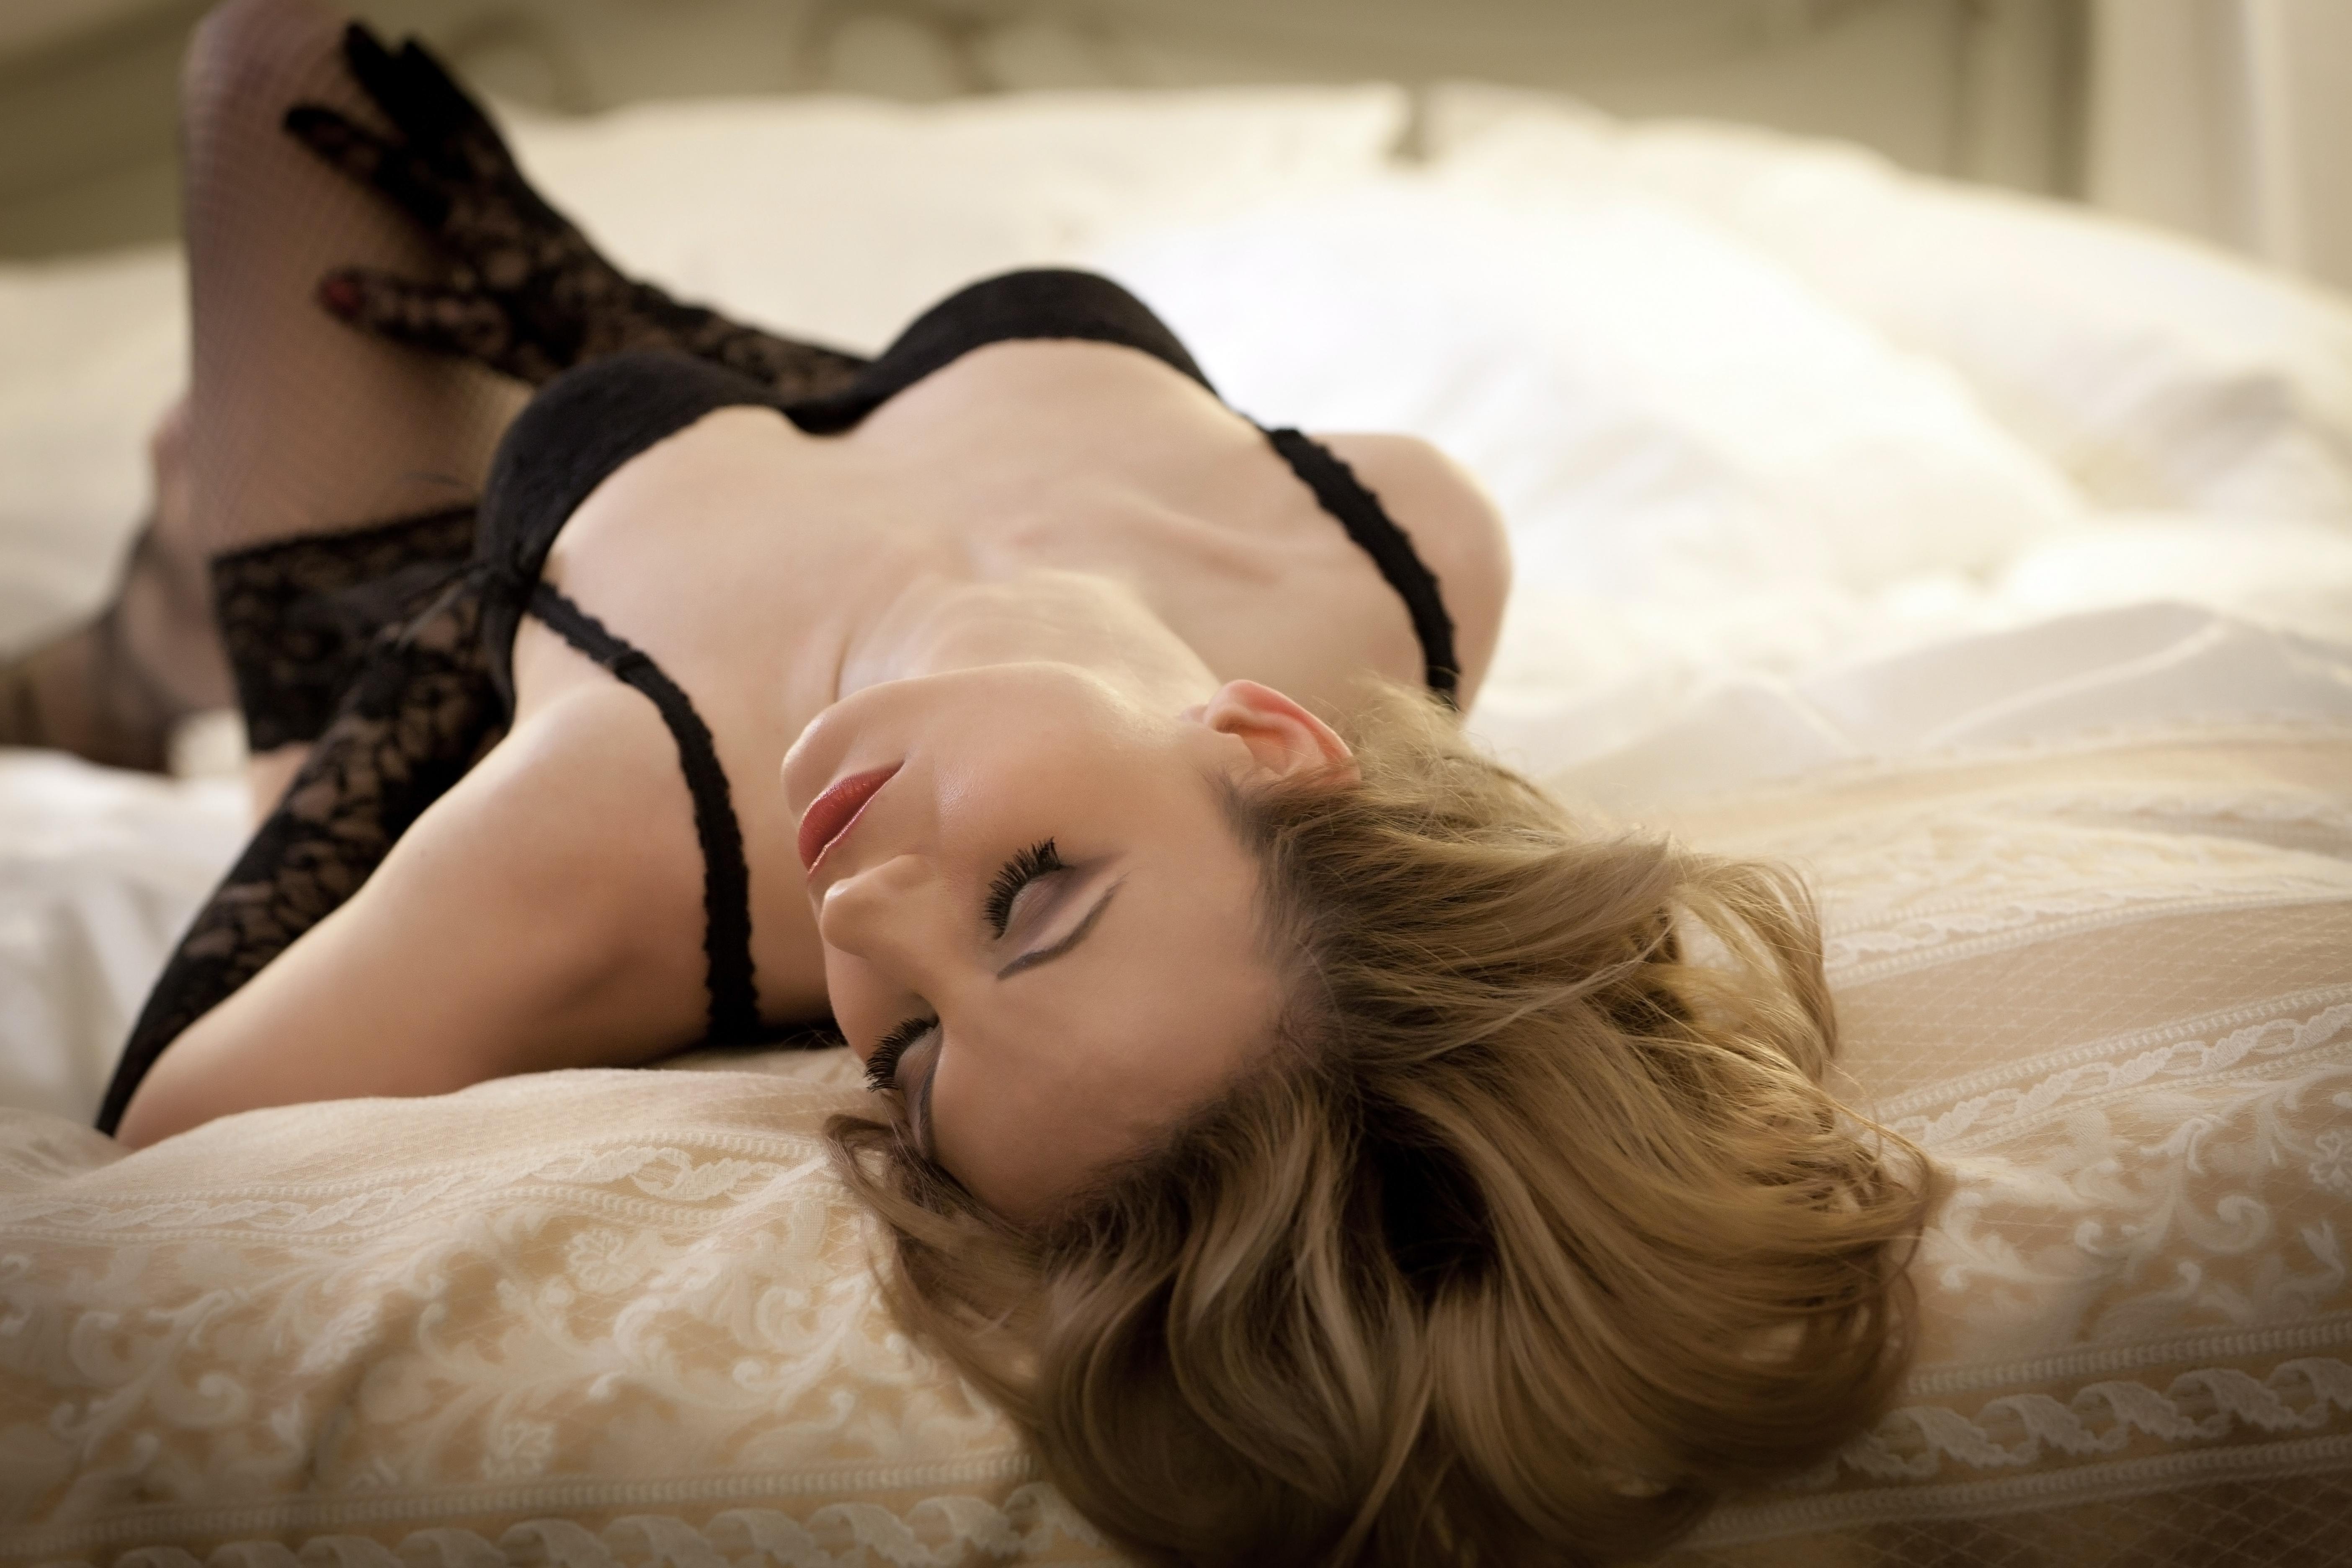 gartis porno best sex date